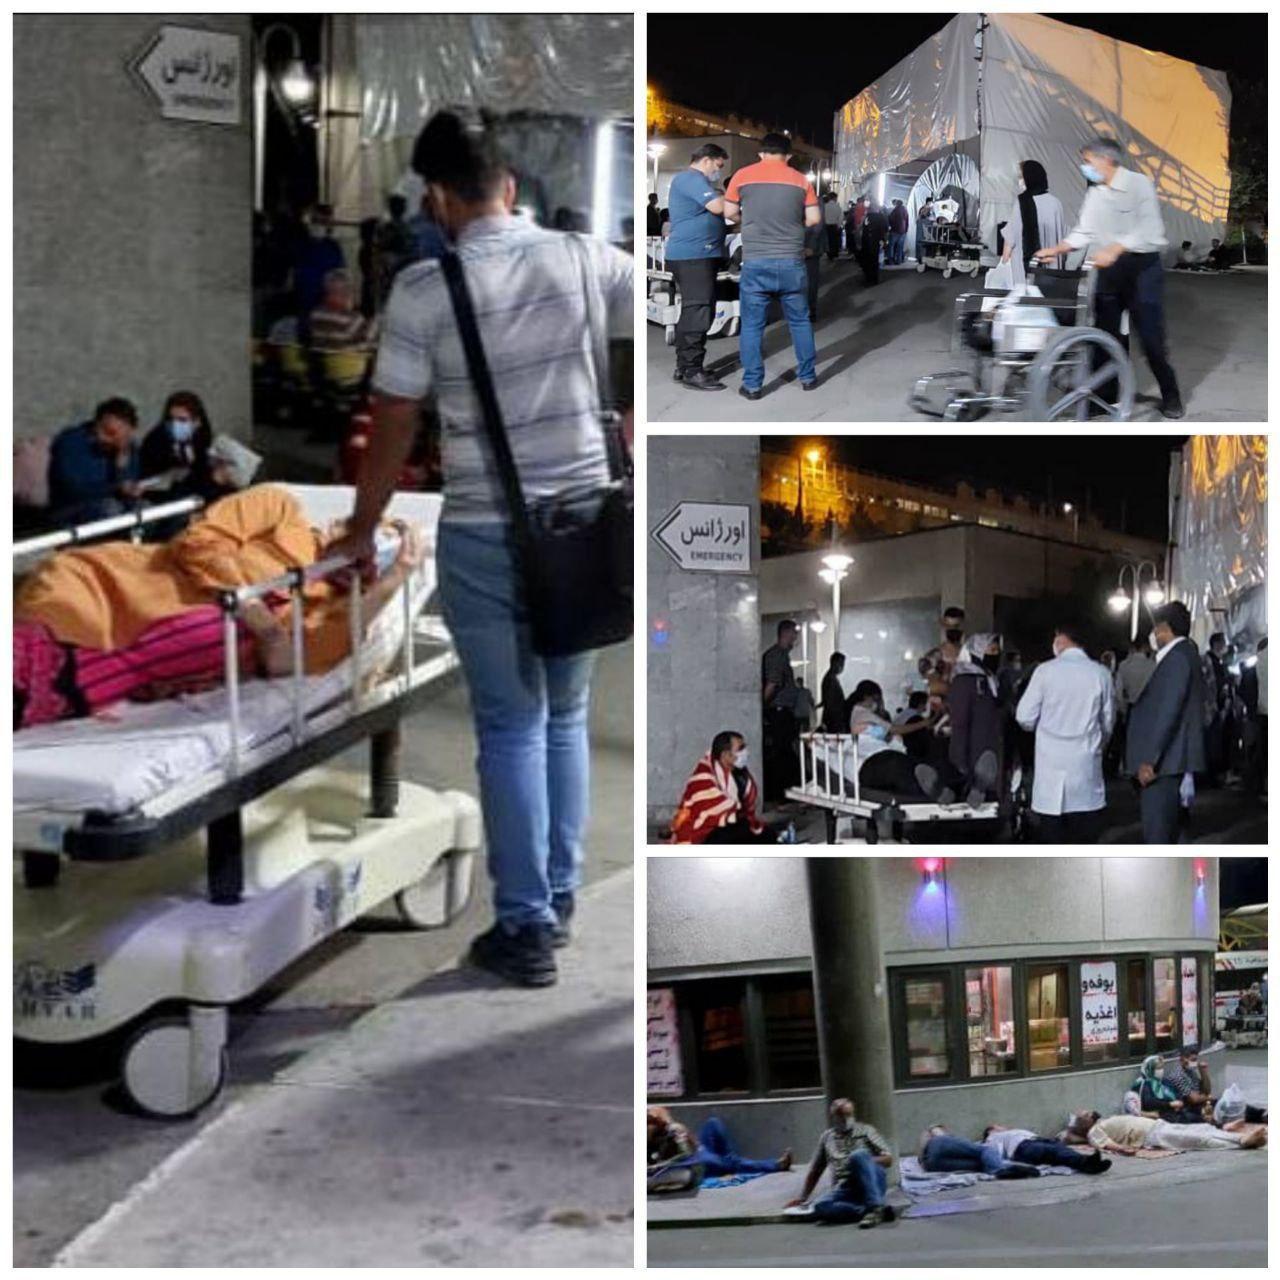 وضعیت وحشتناک بیماران کرونایی دیشب در بیمارستان میلاد تهران + عکس